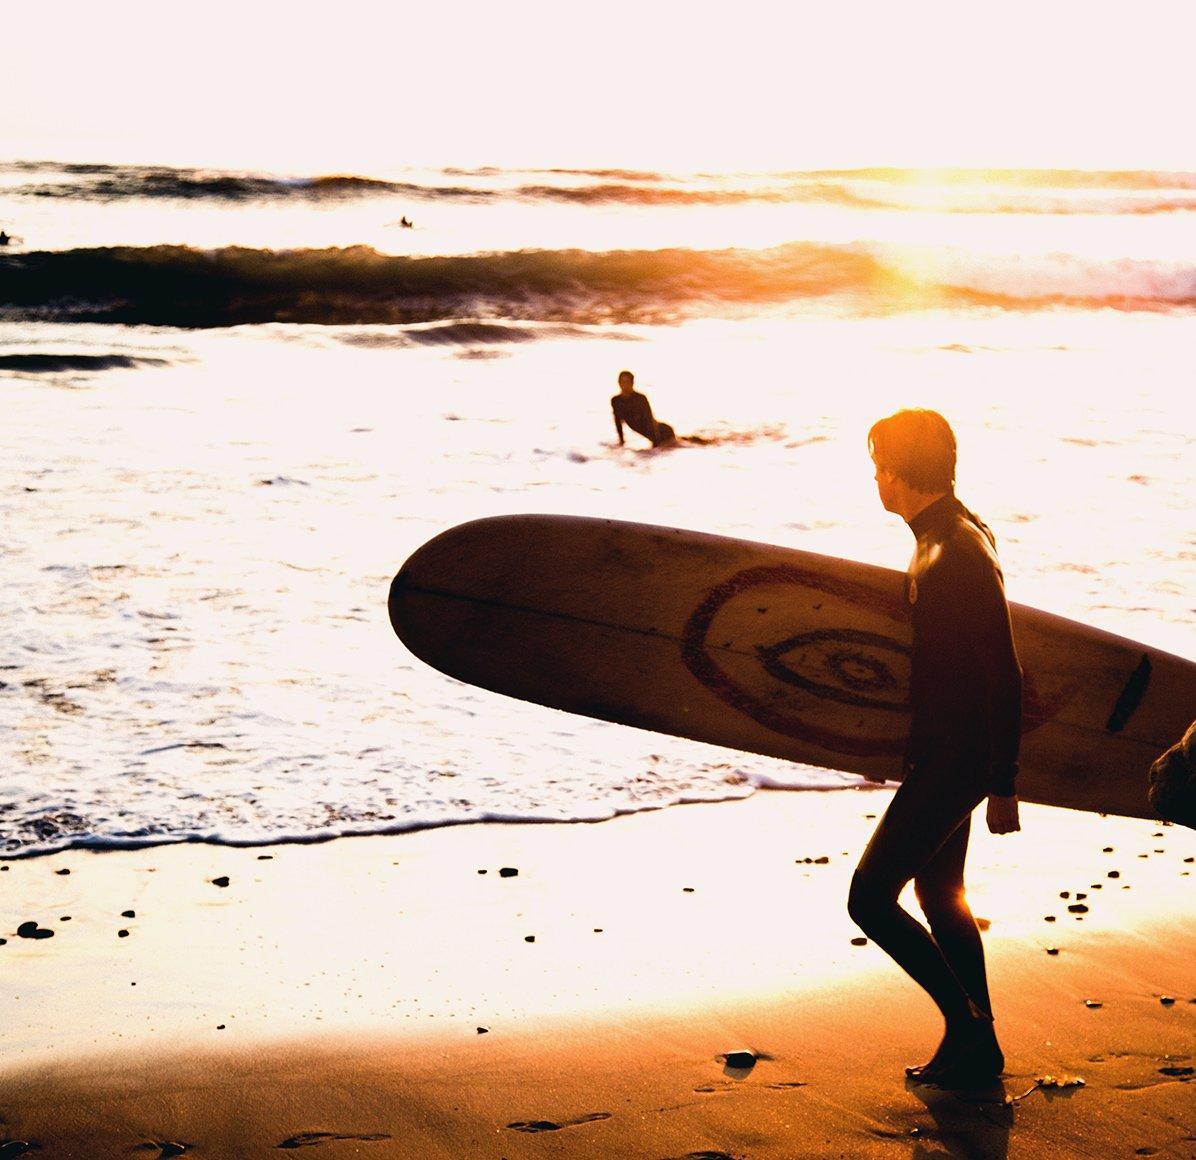 surfer-beach